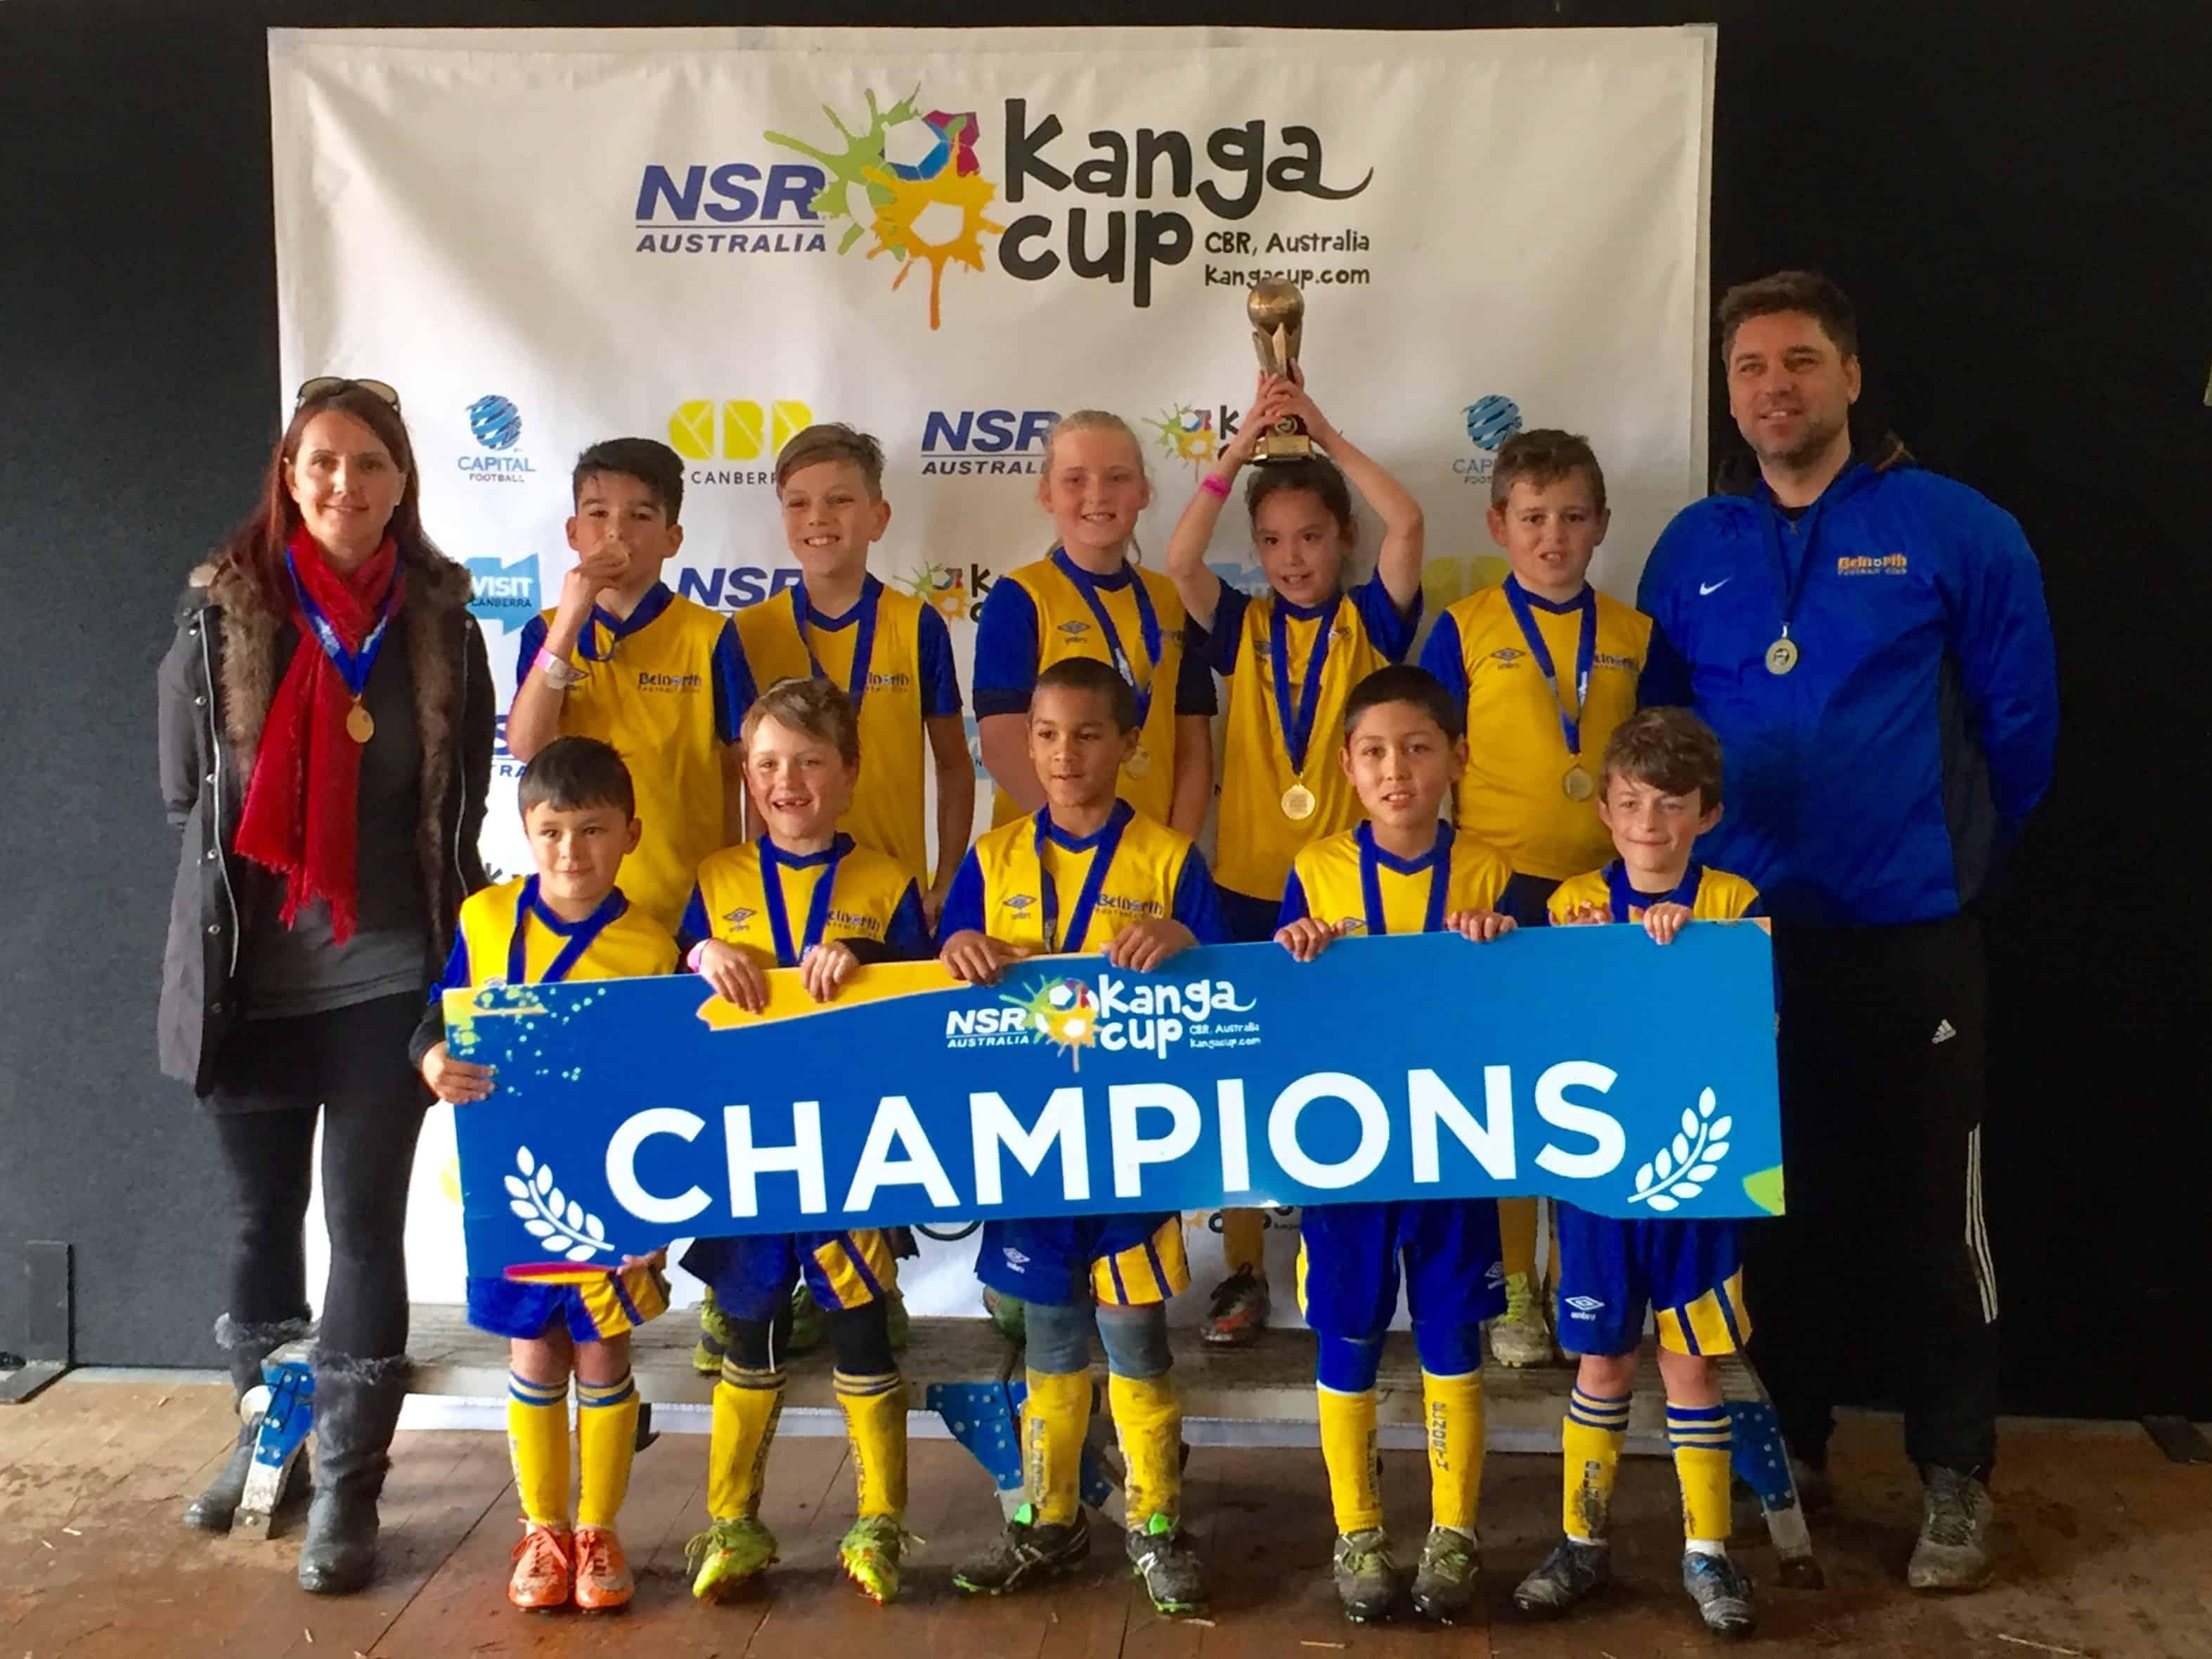 Typhoons Kanga Cup